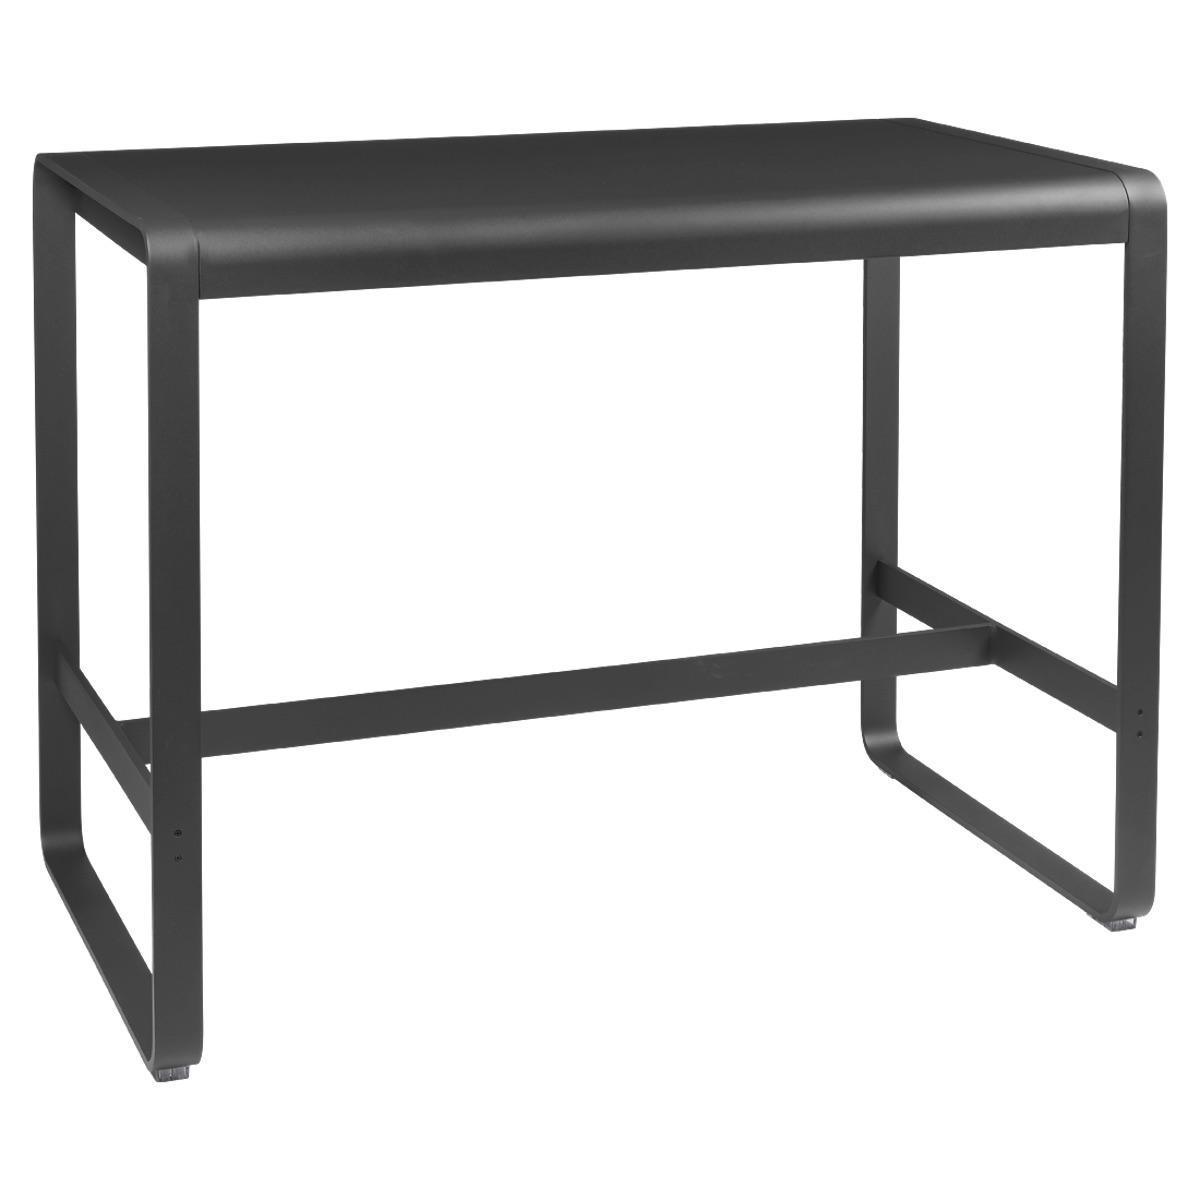 Table haute 80x140cm BELLEVIE Fermob carbone